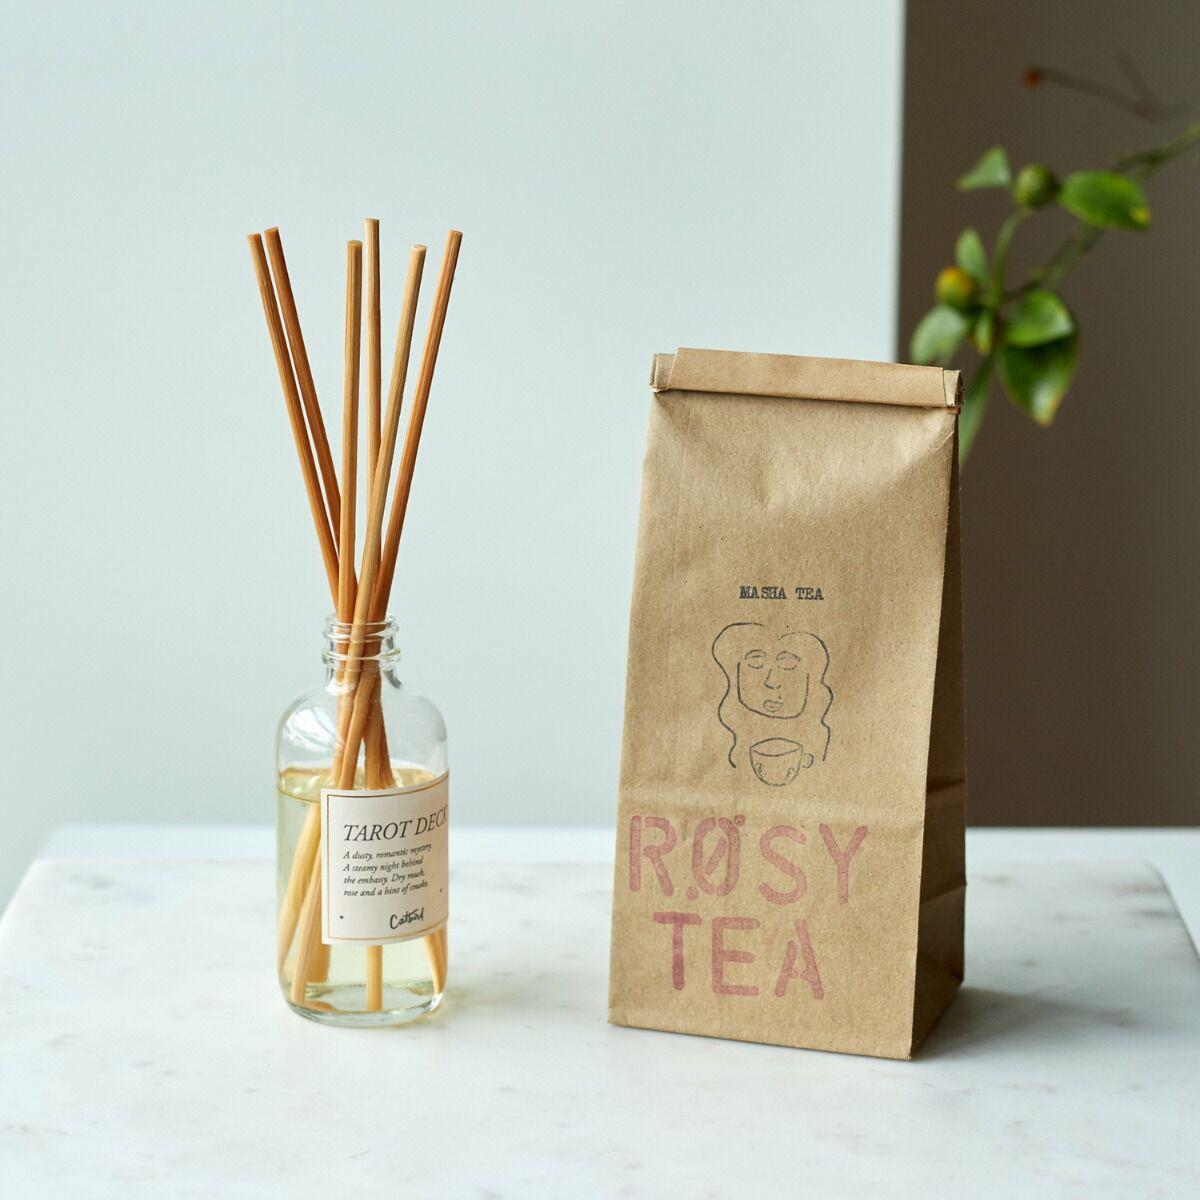 Rosy Tea image